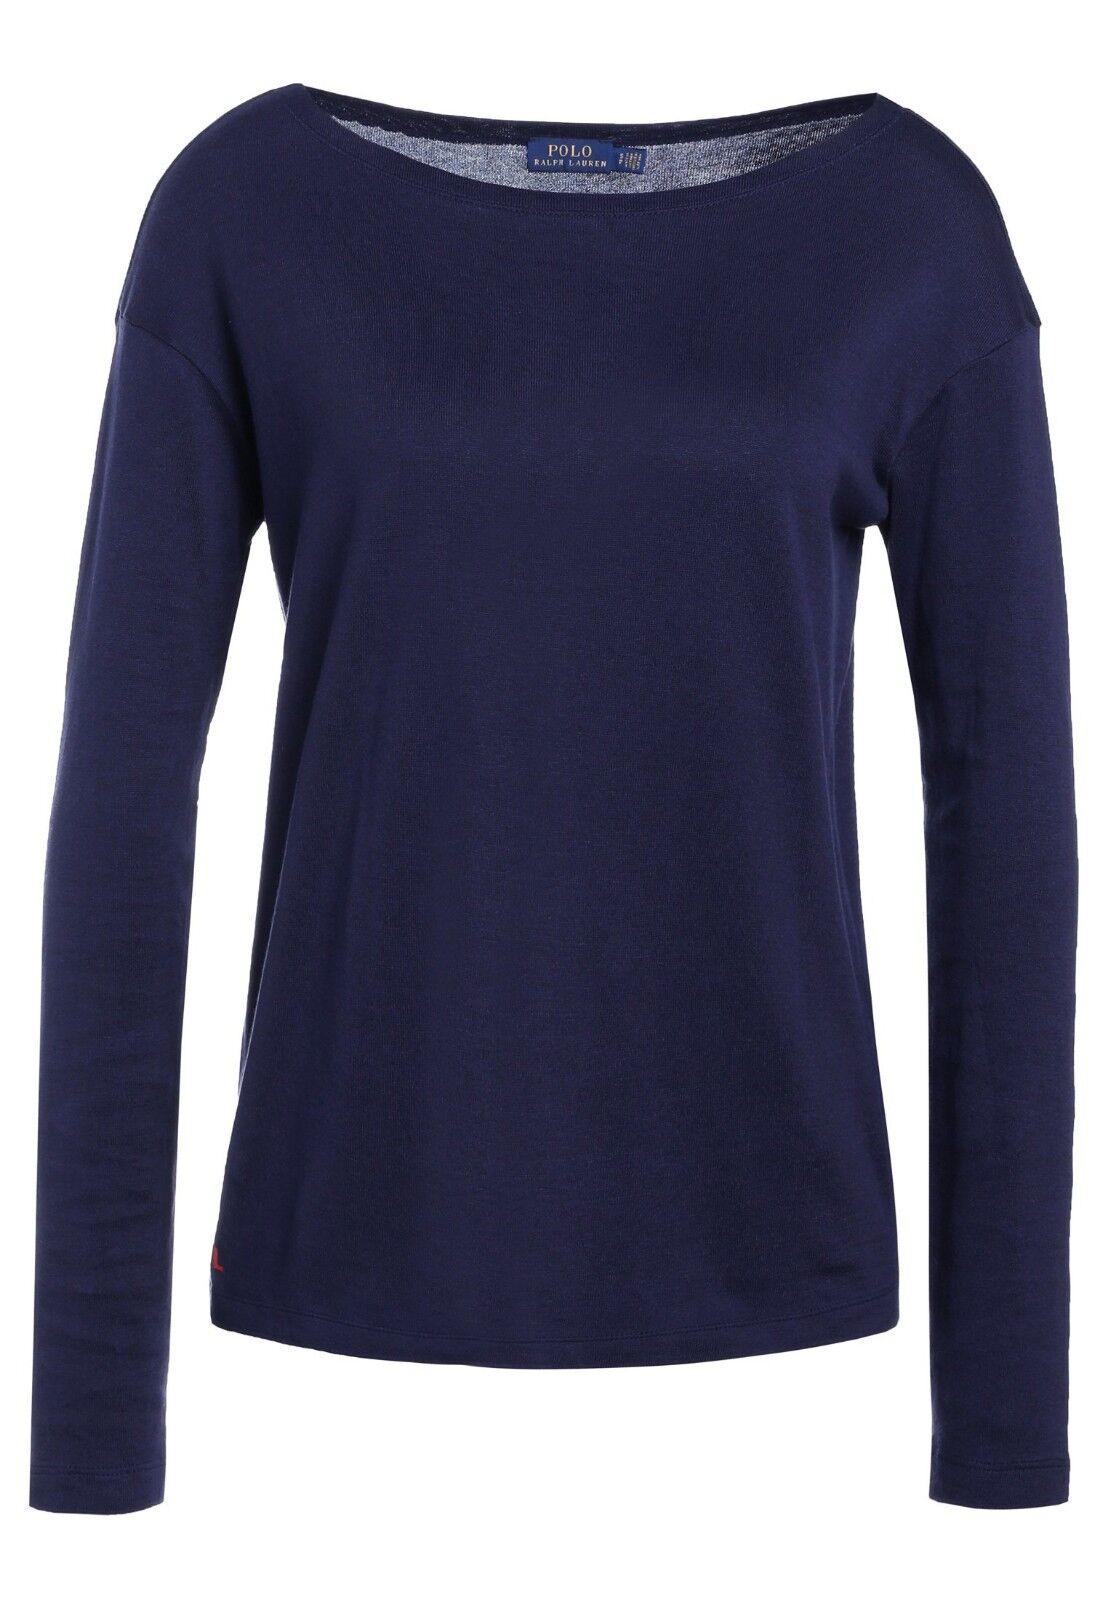 Polo Ralph Lauren Größe M 38 Chemise manches longues Pull shirt nouveau Navy a4534